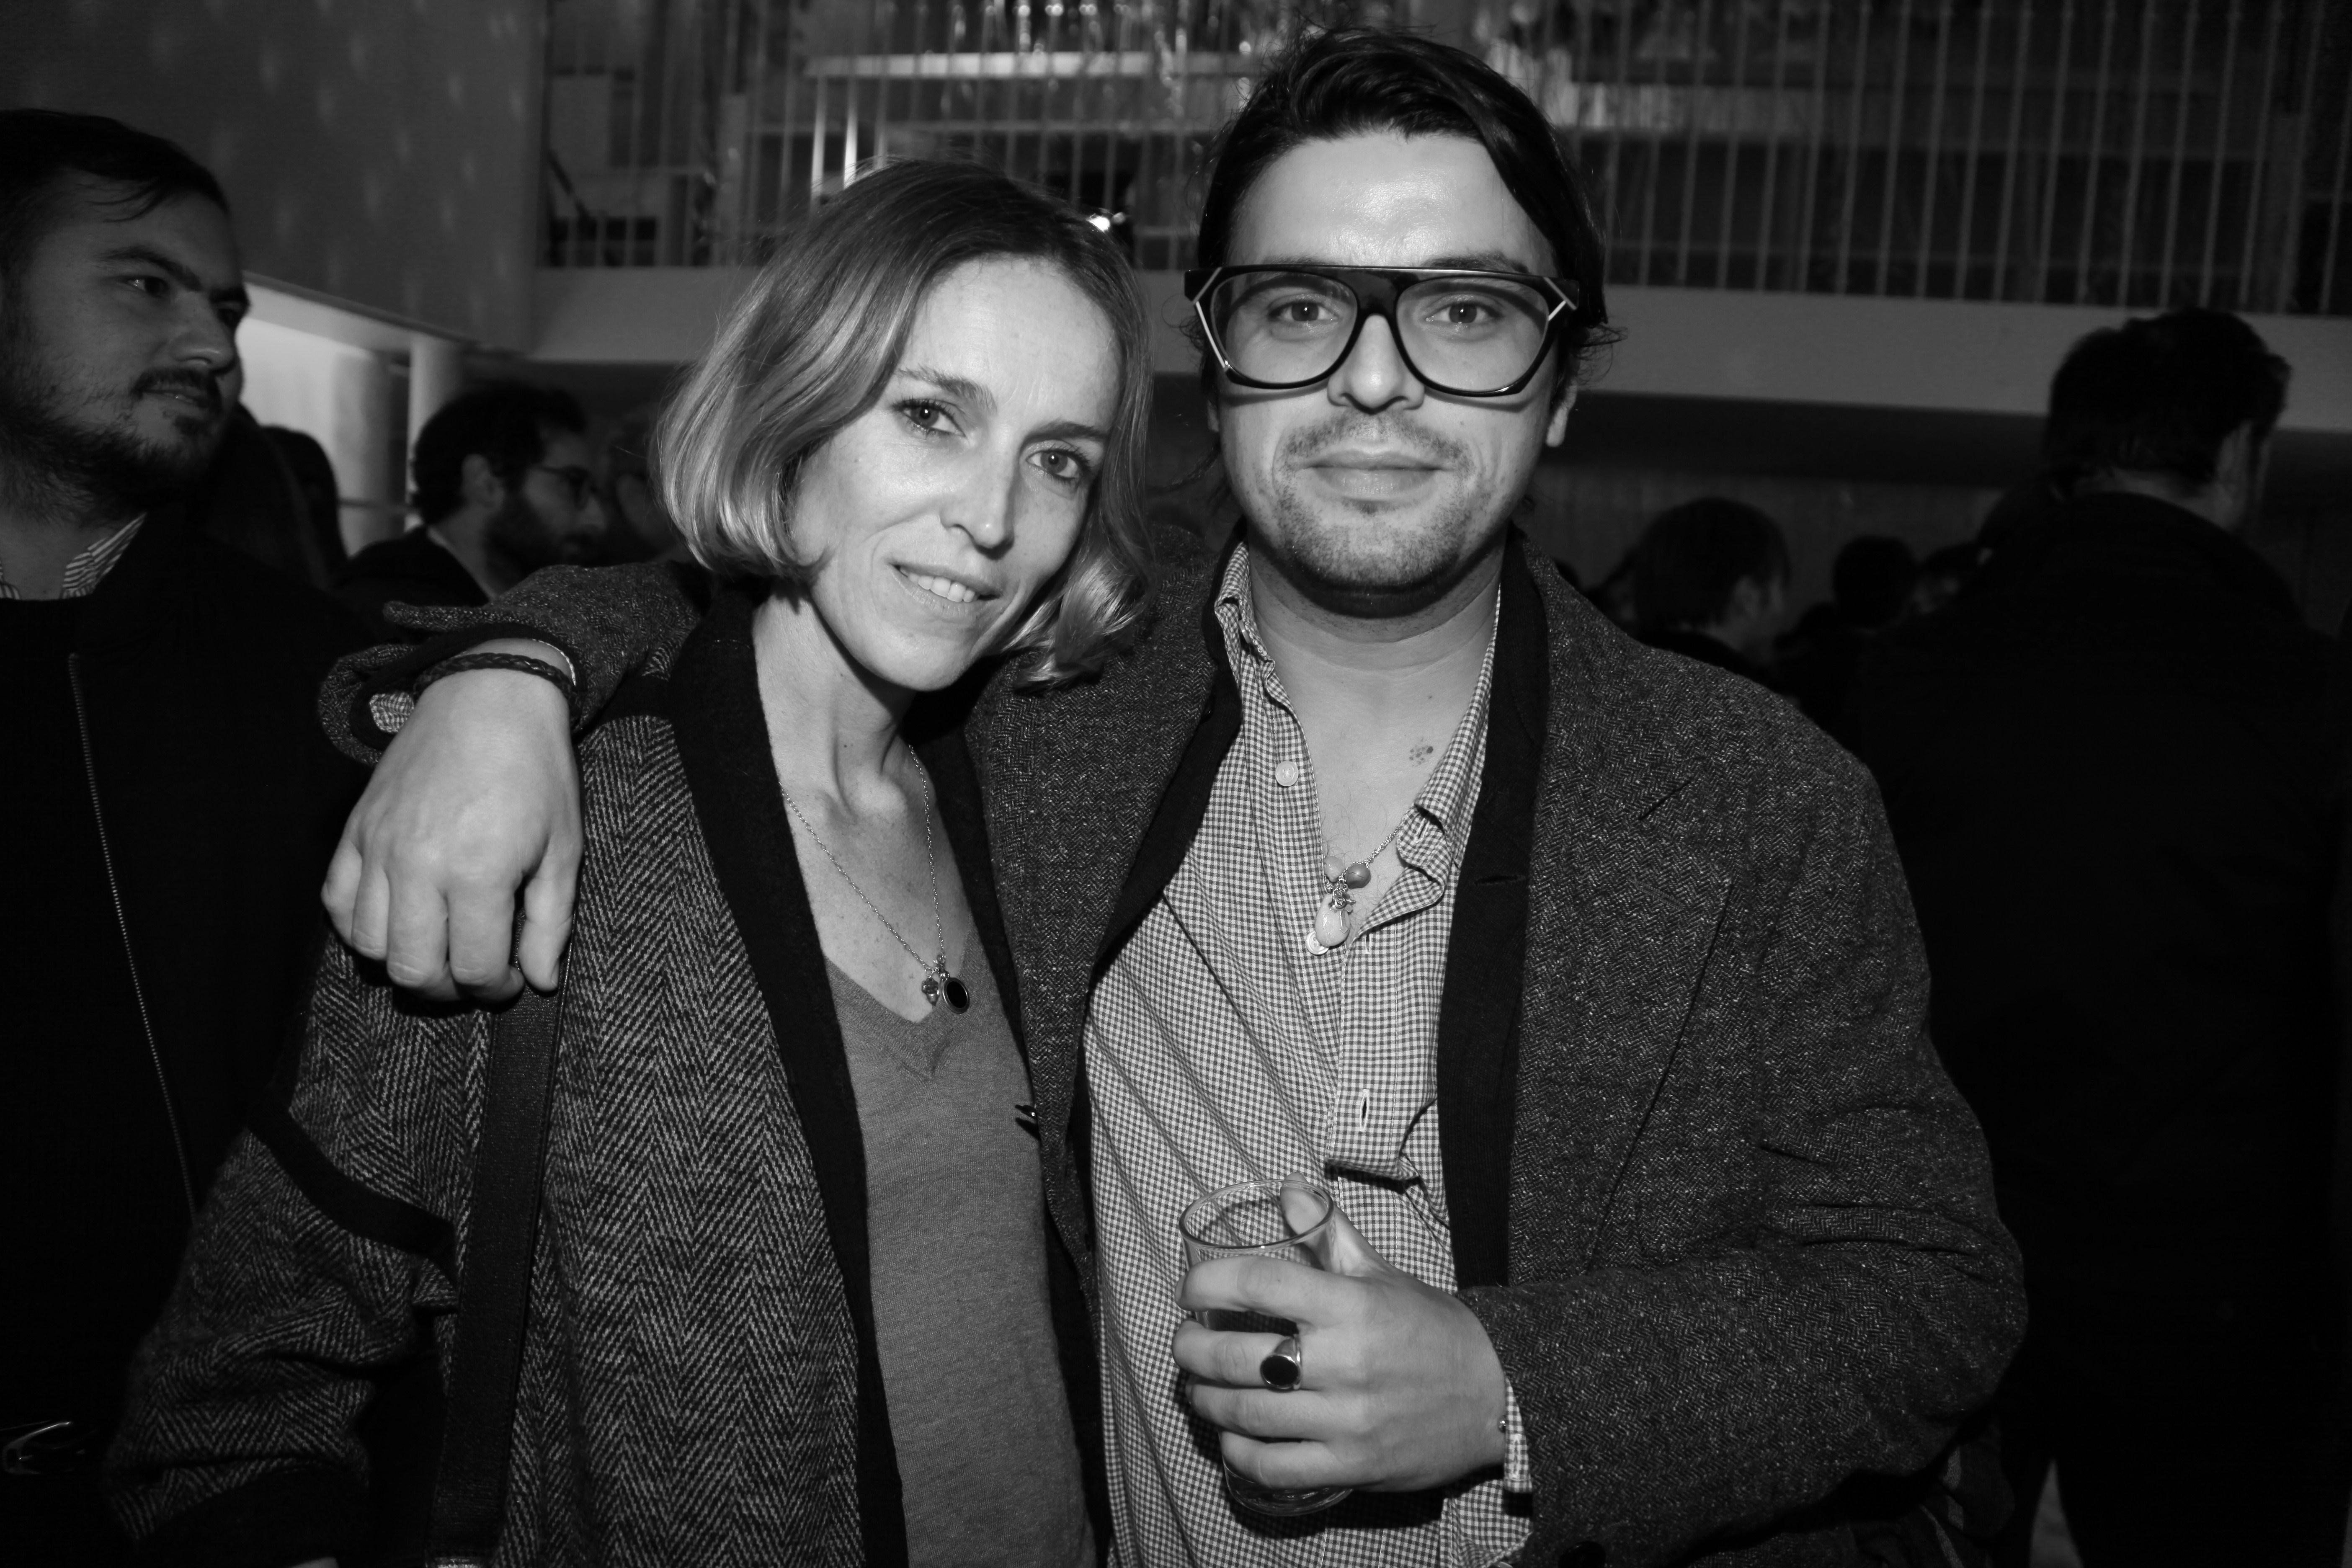 Alexandra Woroniecka Et Heiko Keinath Facescoop